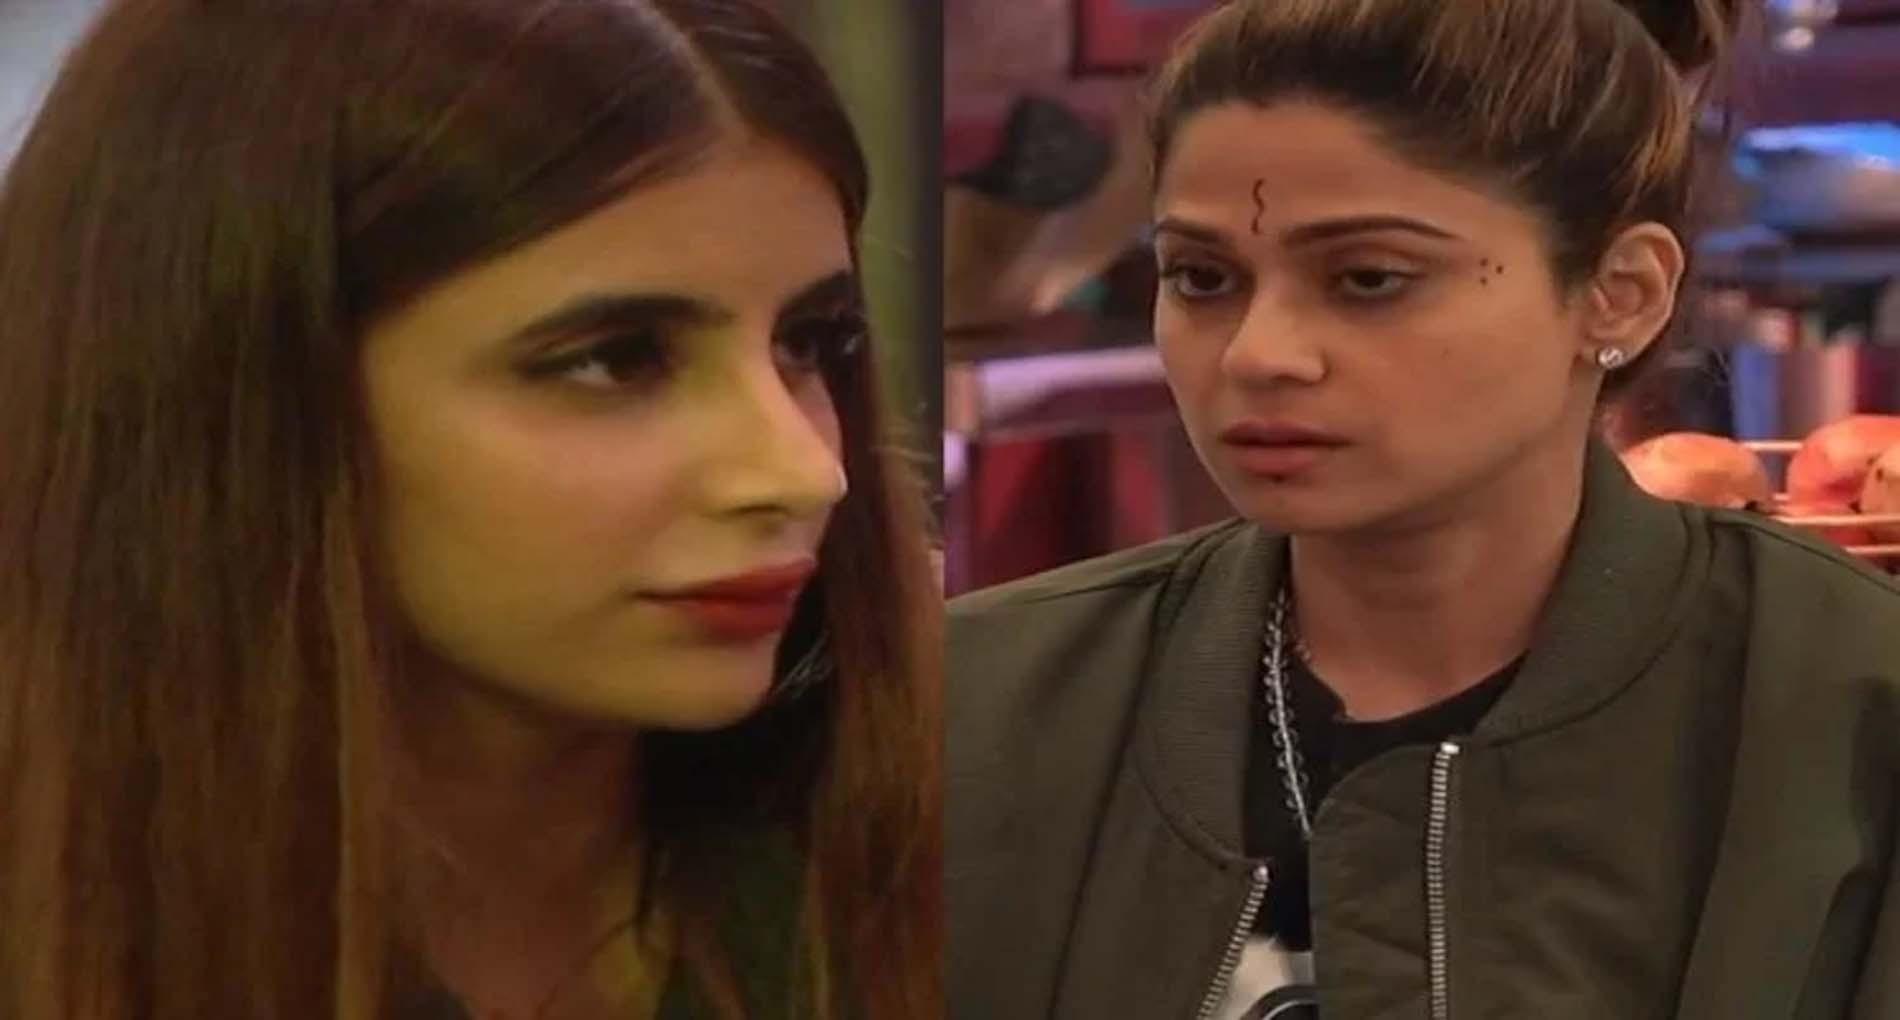 Bigg Boss 15 Updates: शमिता शेट्टी को अब अपनी इस हरकत पर हो रहा है अफसोस! इस कंटेस्टेंट से मांगी माफी